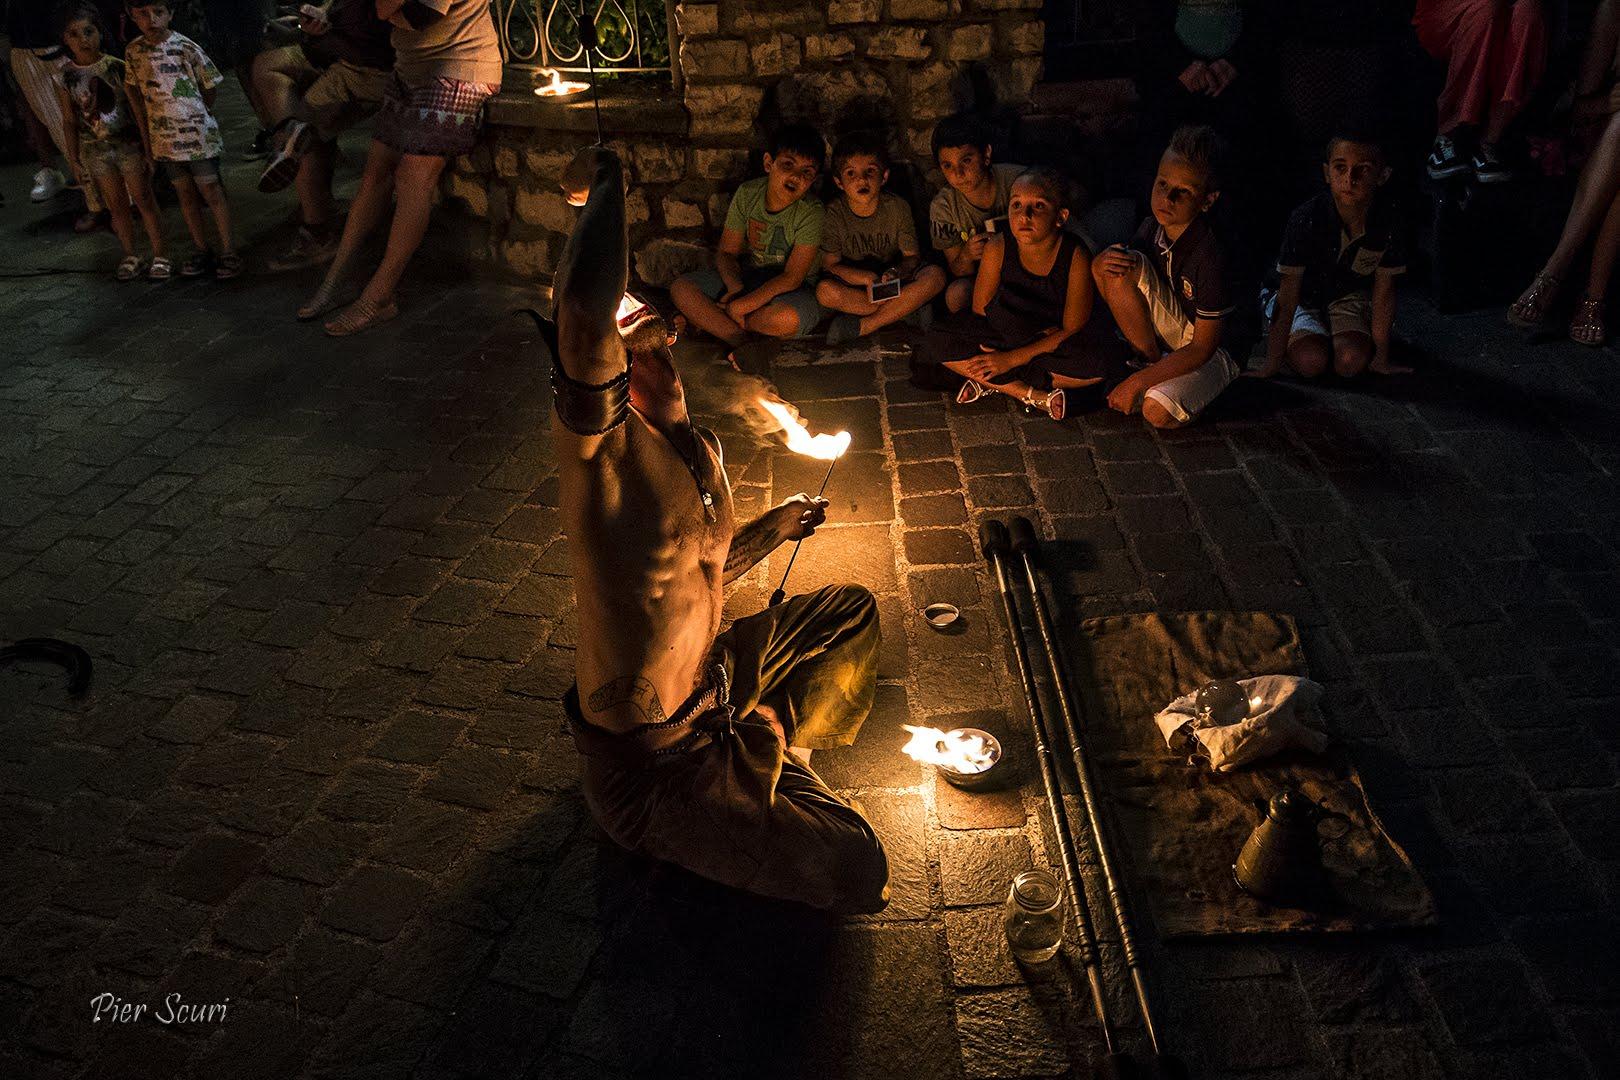 Nicola Colleoni Performarte – mangiafuoco – spettacolo di fuoco – fatntasy medievale